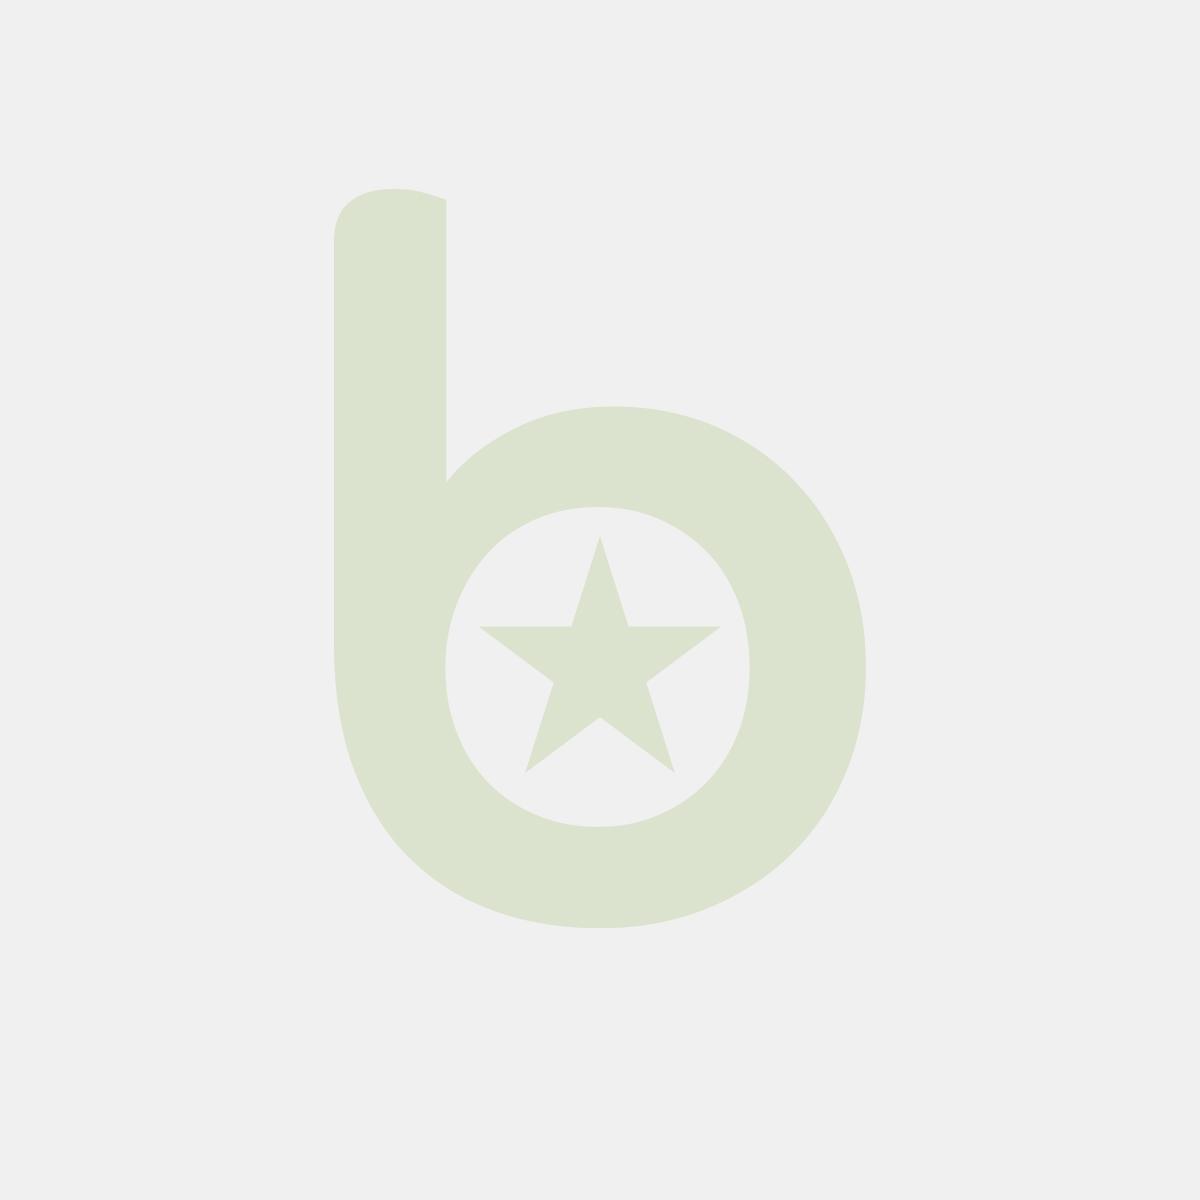 Taśma biurowa SCOTCH® Magic™ (8-1933R24TPR), matowa, 19mm, 33m, 20szt., 4 rolek GRATIS